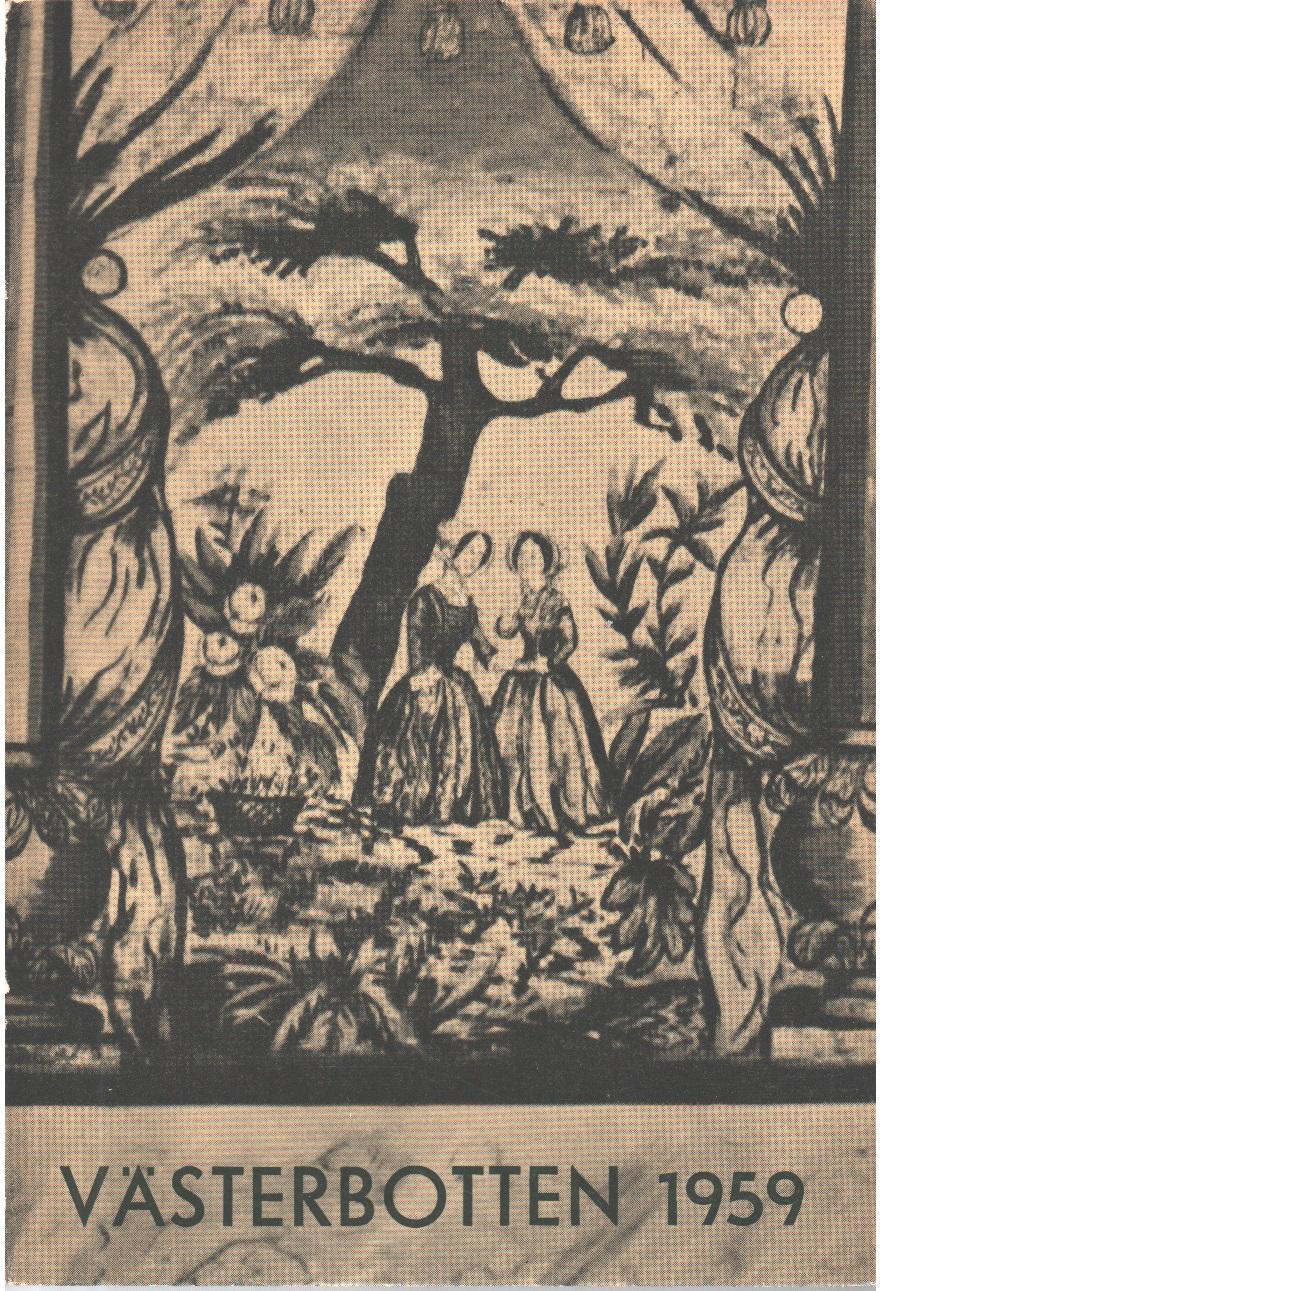 Västerbotten 1959 : Västerbottens läns hembygdsförenings årsbok - Red.